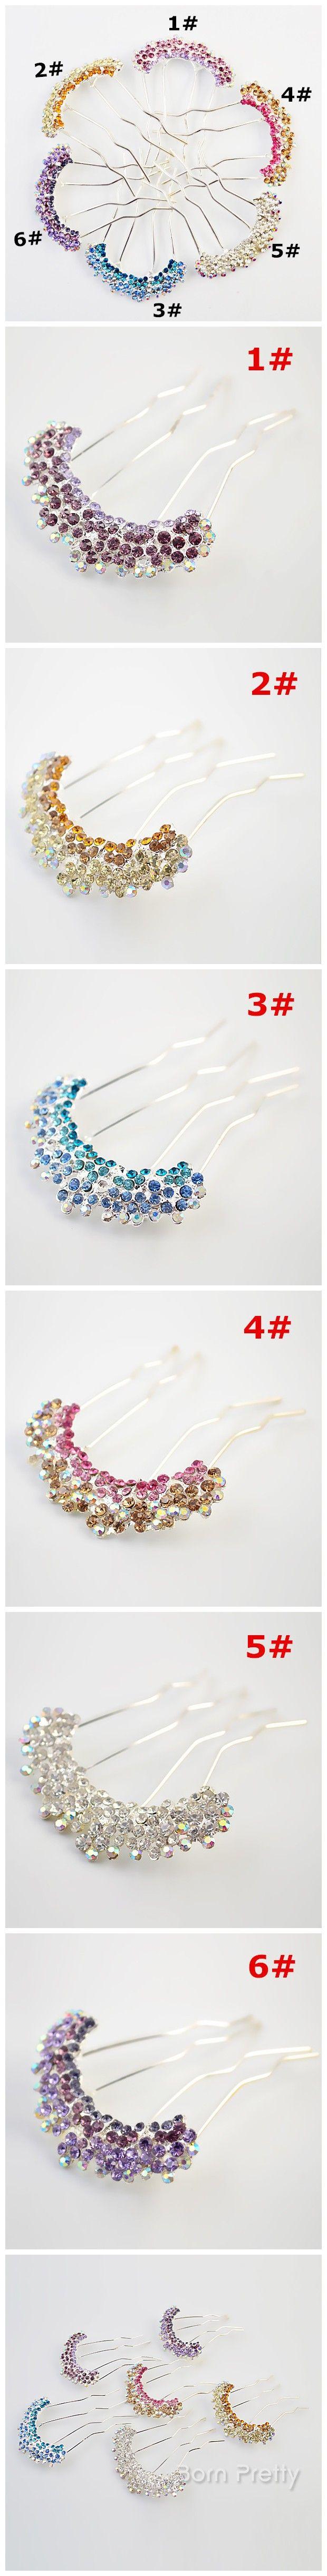 $2.29 Fashion Austrian rhinestone crystal flower hair comb fork - BornPrettyStore.com